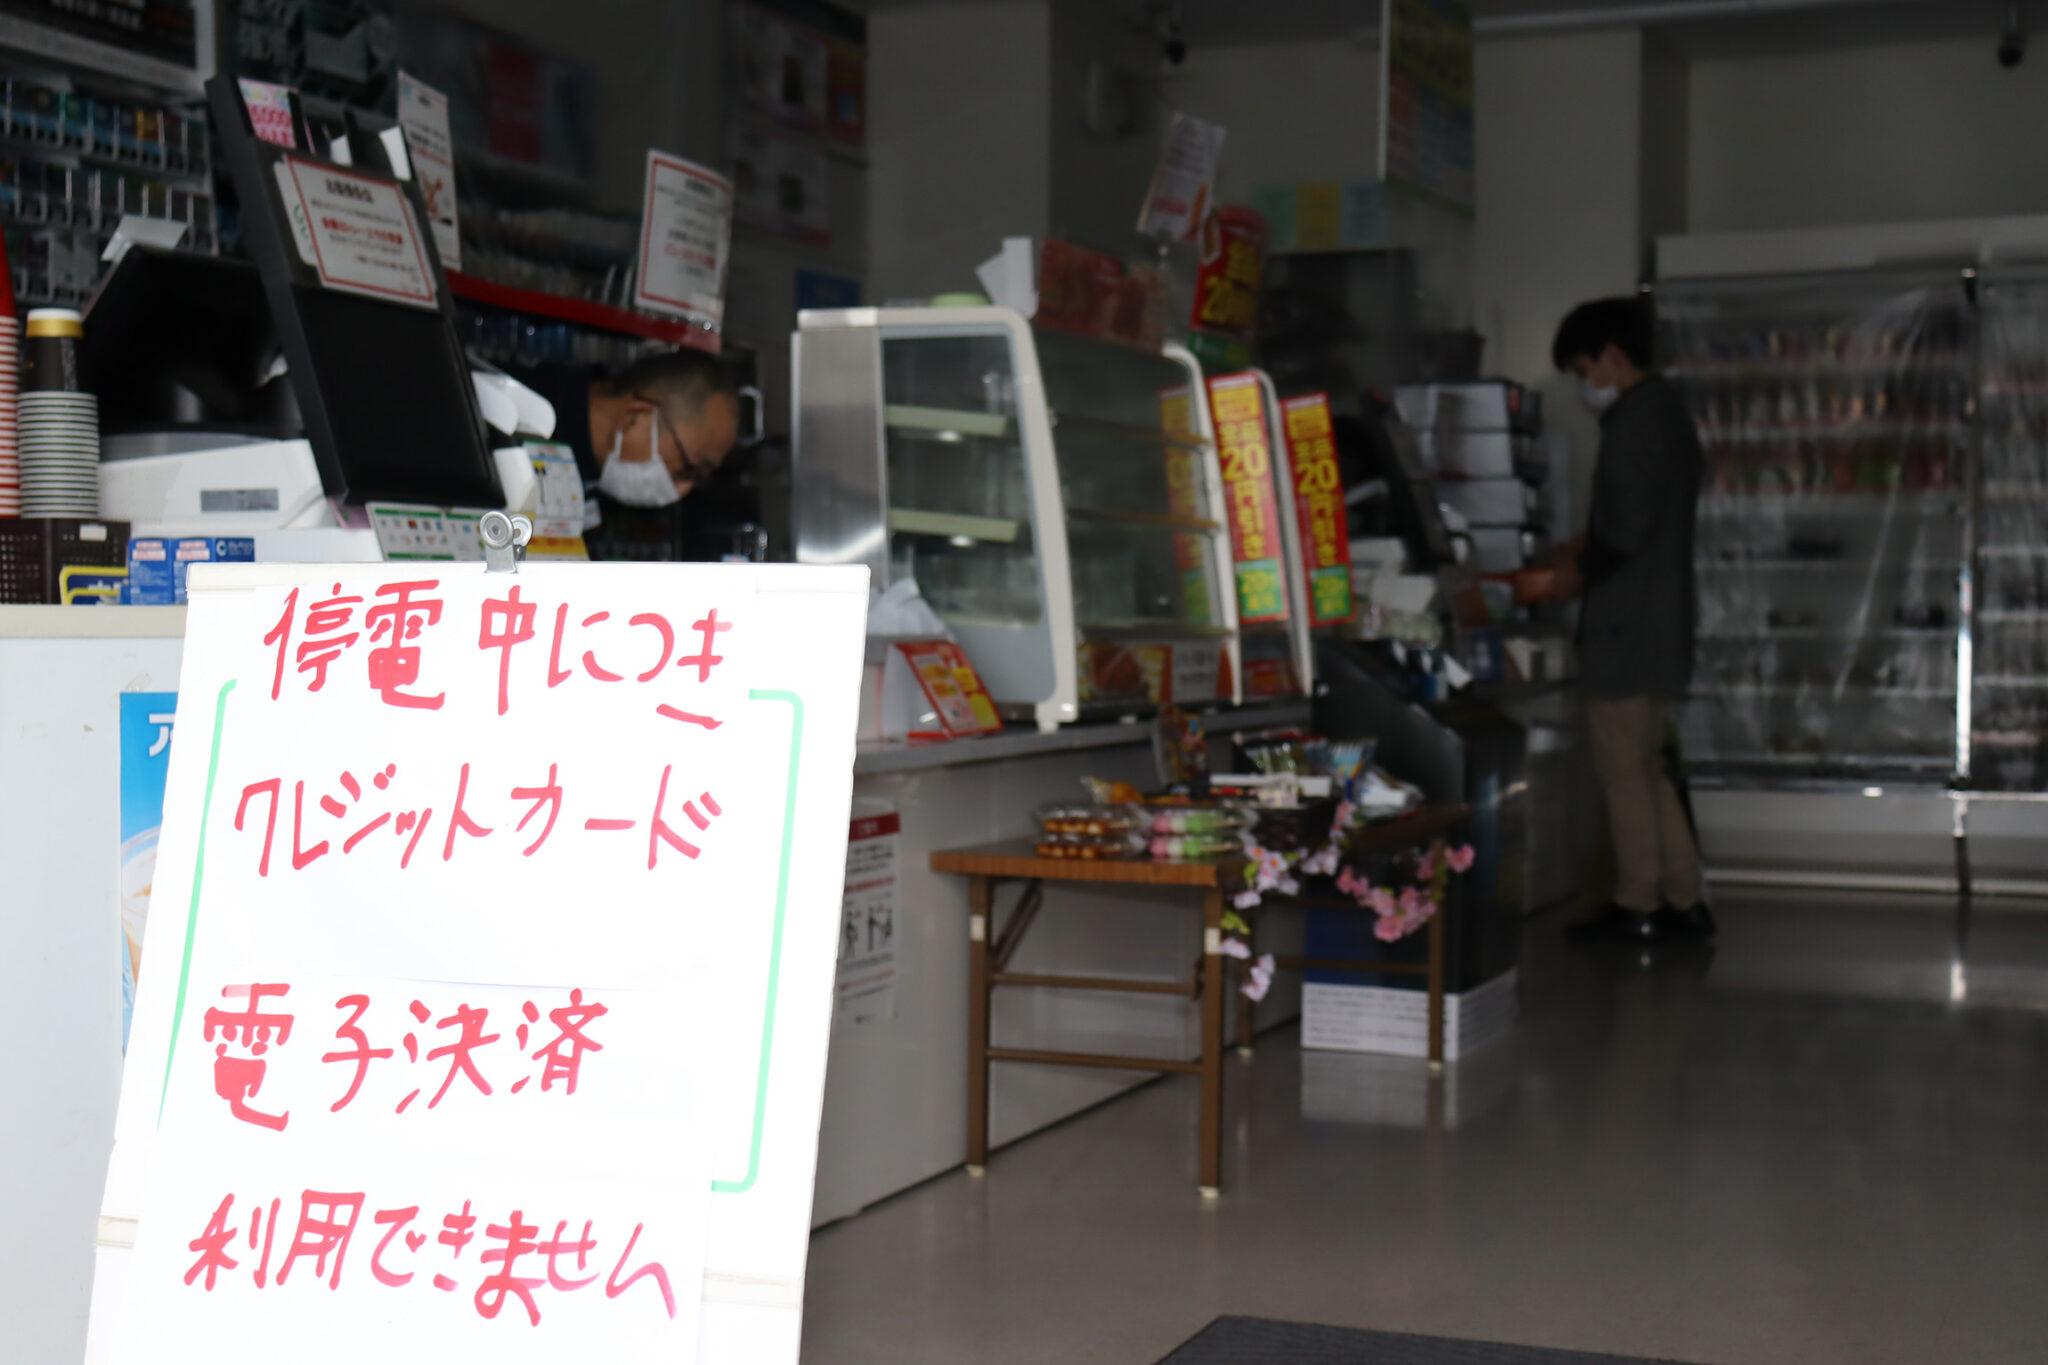 停電の原因はカラスの巣 諏訪・茅野・岡谷で相次ぐ